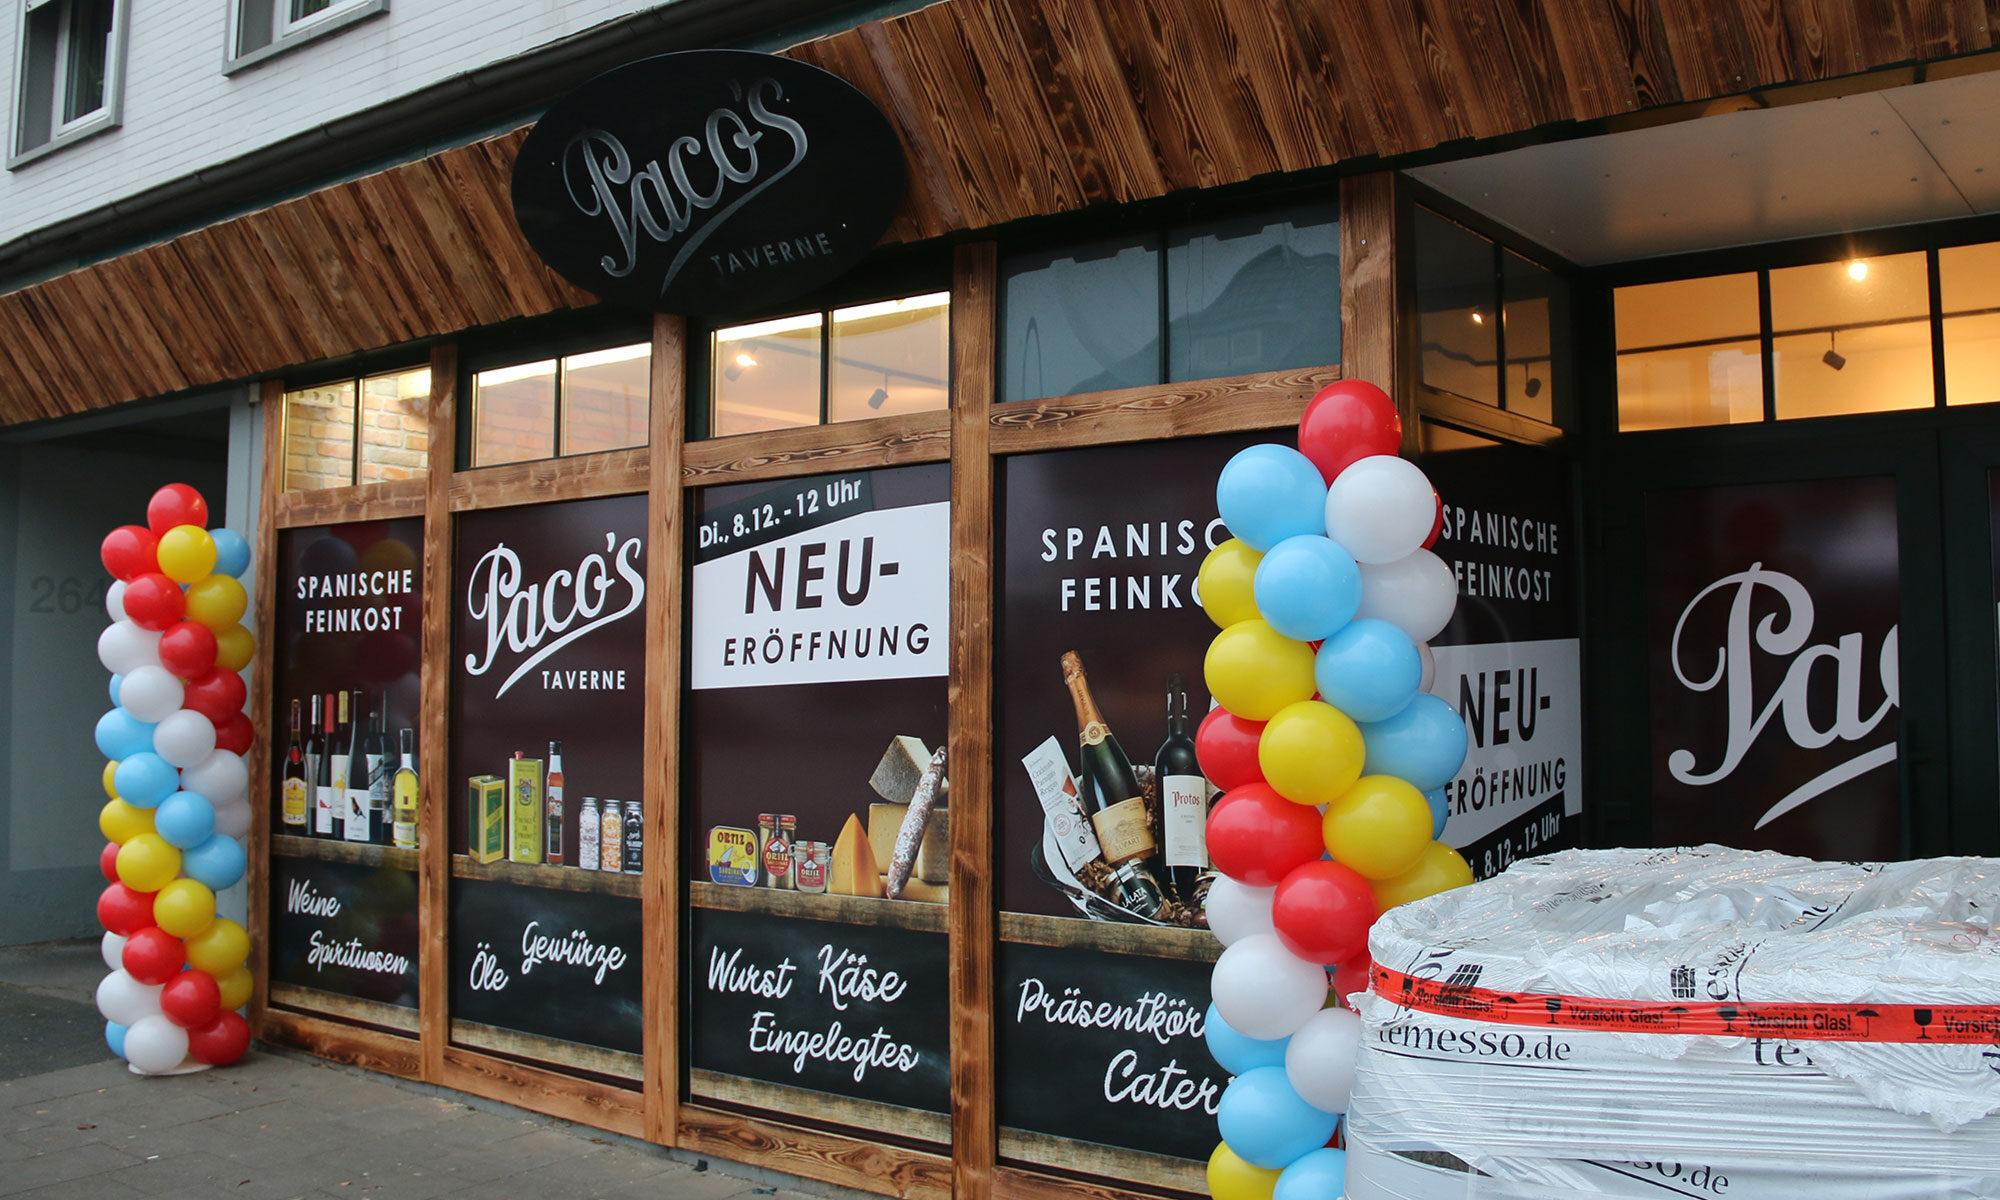 Paco`s Taverne - Spanische Feinkost in Bremerhaven